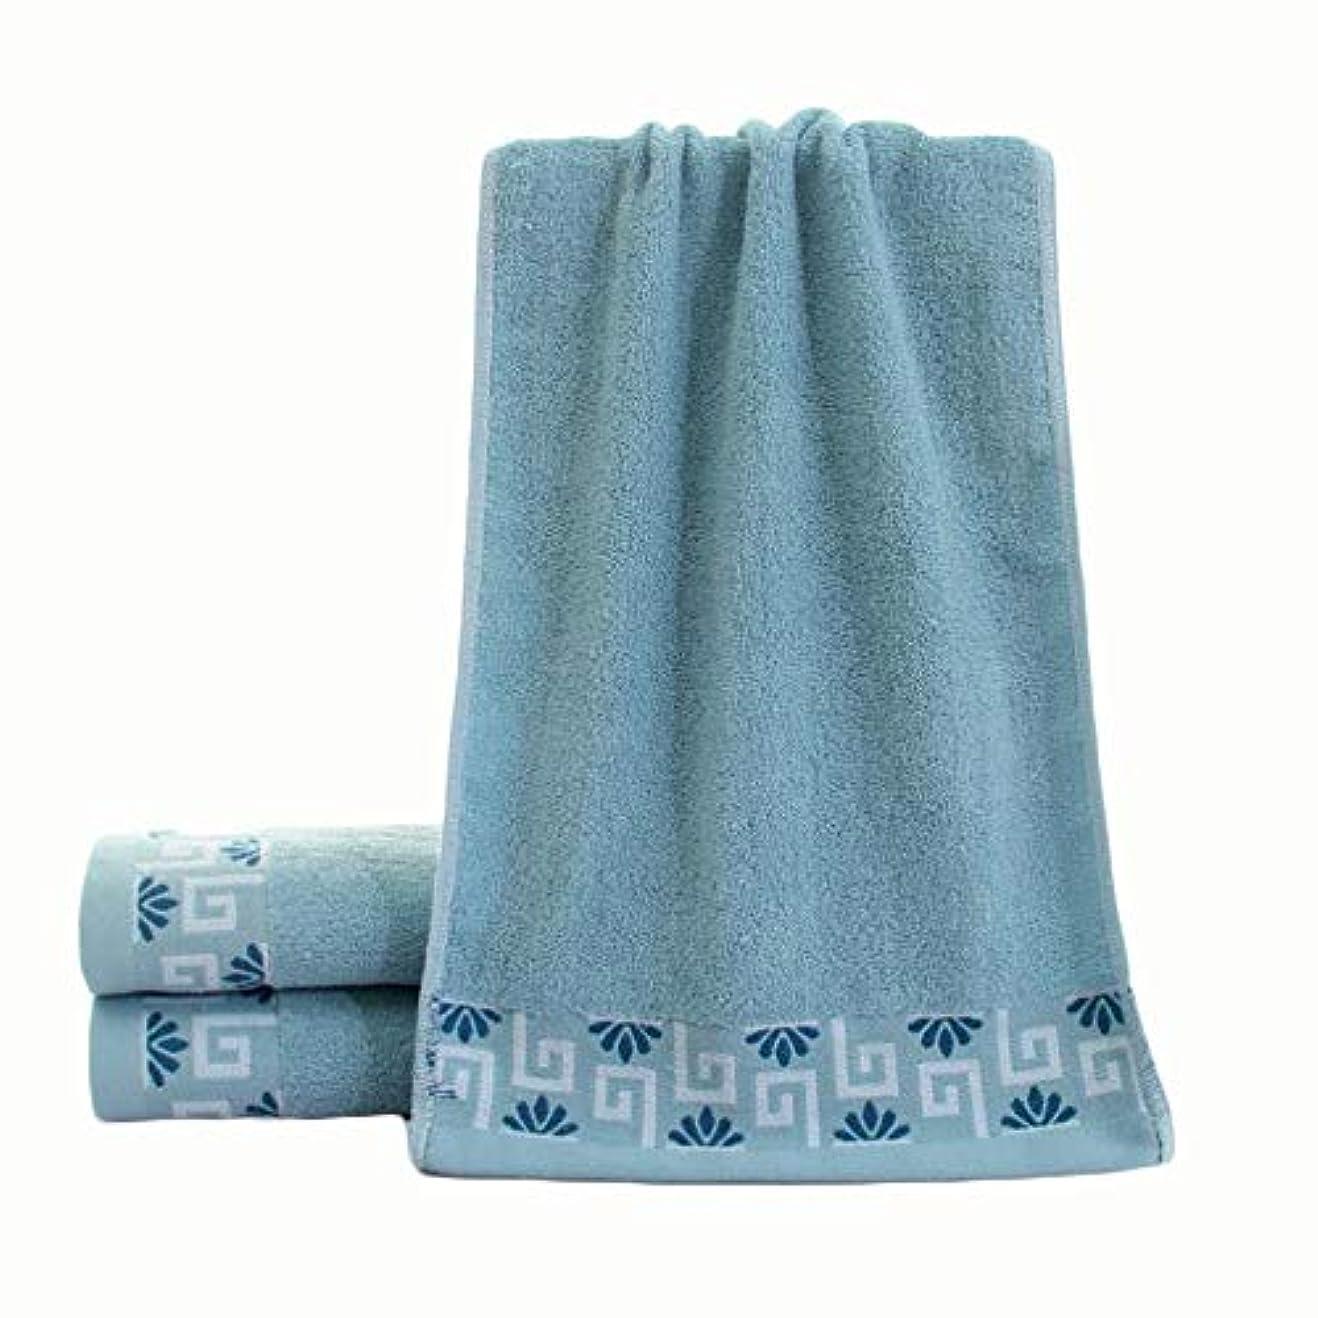 芝生ベッツィトロットウッドどういたしましてCXUNKK 2PCS / LOT家庭用綿肥厚ソフトタオル (Color : Blue)